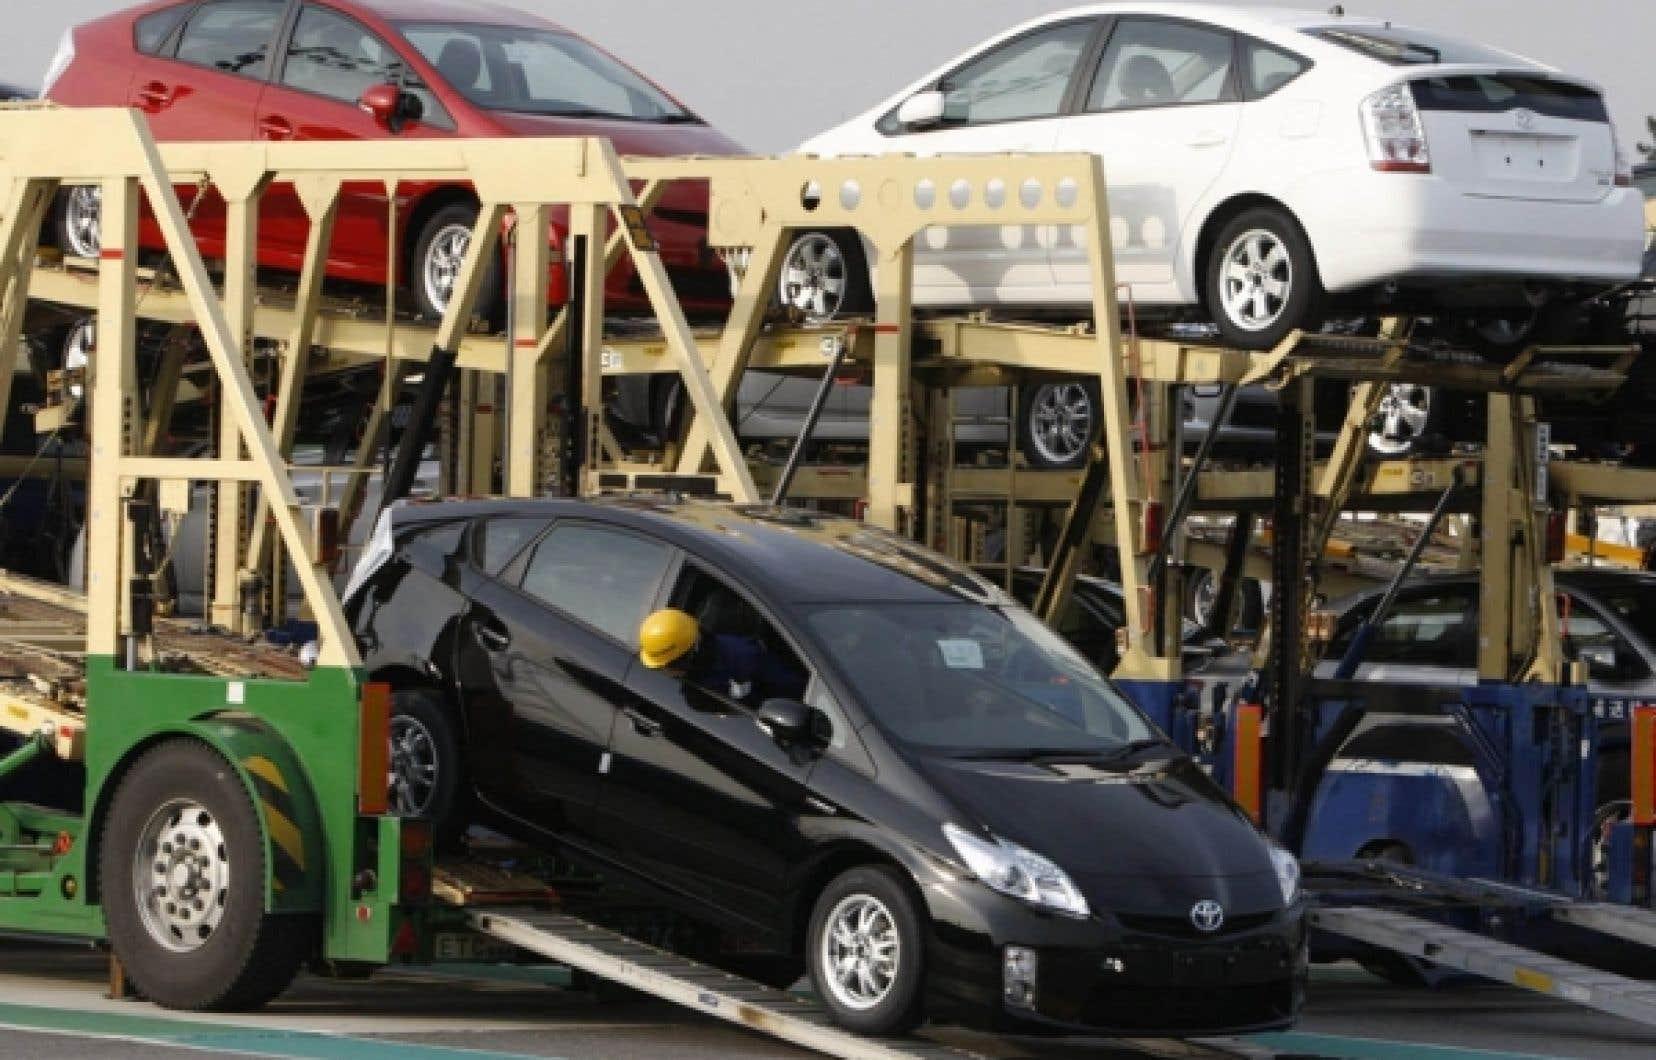 Toyota est resté le premier constructeur automobile mondial en 2010, malgré la crise des rappels qui l'a ébranlé, mais le groupe japonais pourrait vite perdre sa couronne au profit de l'américain General Motors en phase de reprise.